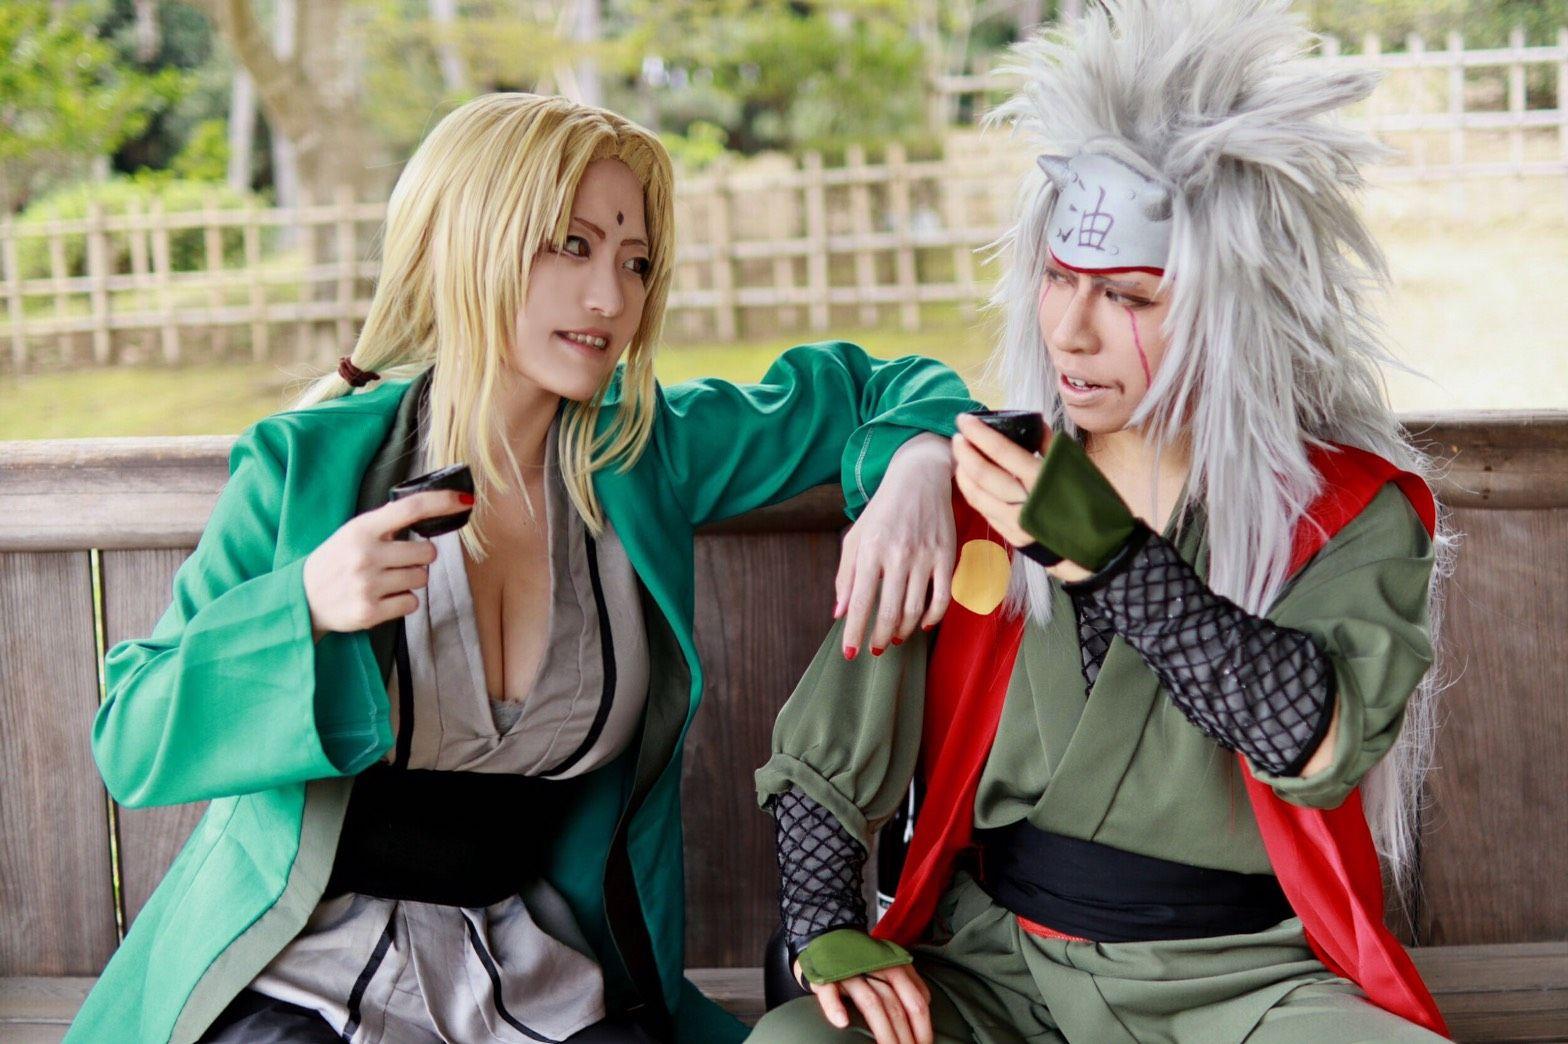 Pin oleh Who? di Naruto shippuden cosplay di 2020